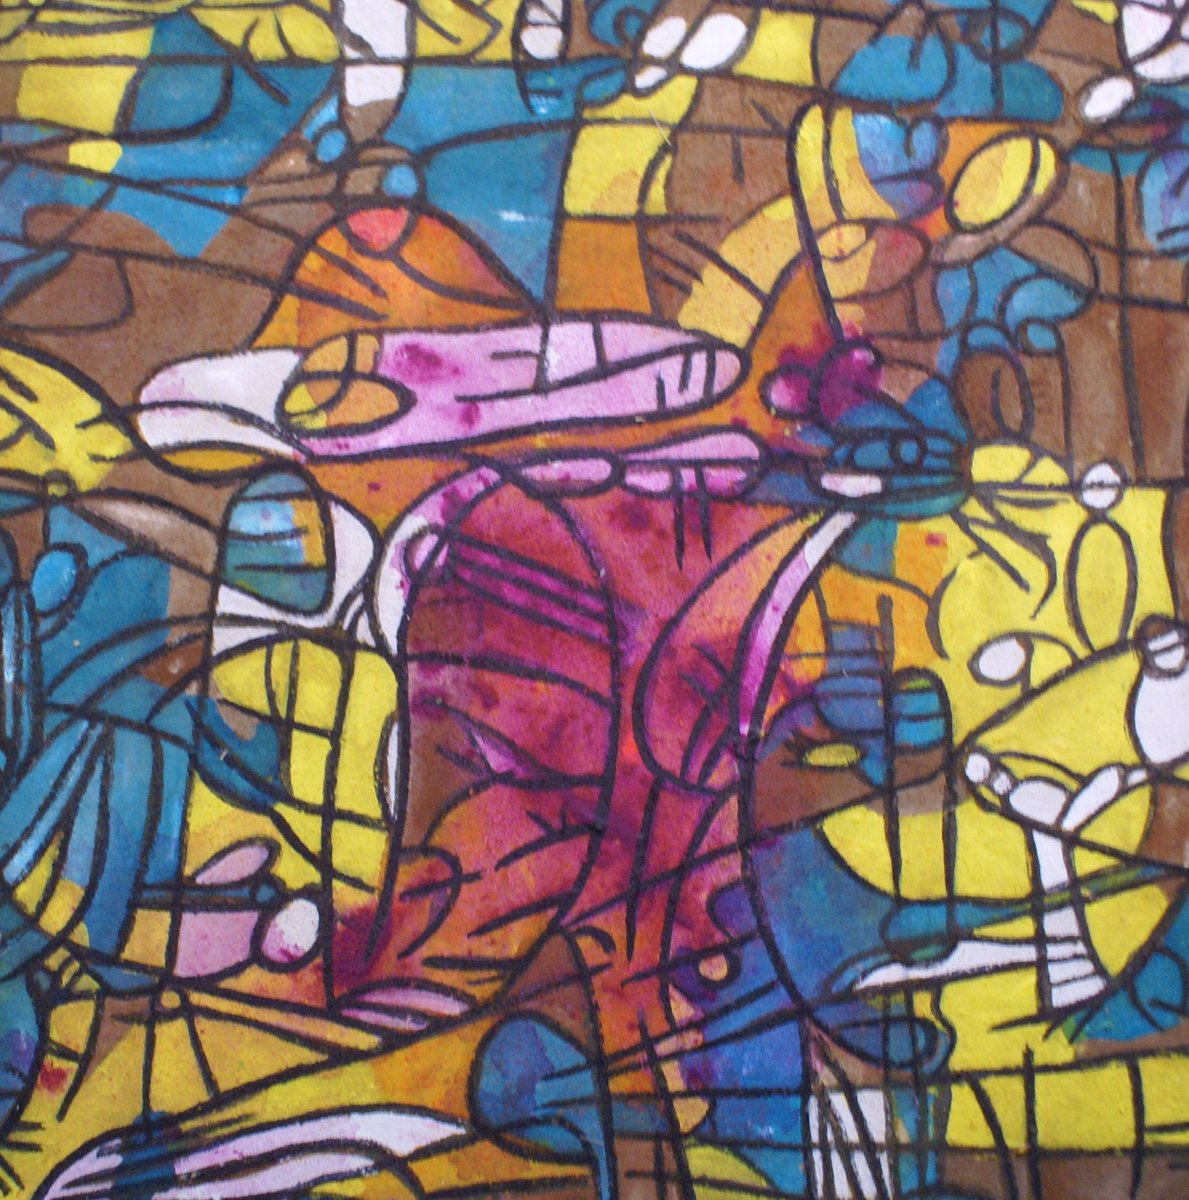 من اعمال معرضي الاول (منمنمات2) انتاج 2013م #فن_العزلة #Art #Artist #فن_سعودي #وزارة_الثقافة #فن_الباتيك #الفن_السعودي  #SaudiArt #ArtSaudi #فنون_بصرية #gallery #فنون_تشكيلية #فن #خليك_بالبيت       #الفن_للجميع  #أزمة_وتعدي #ارسم_في_البيت #فعاليات_الحجر_المنزلي #painting https://t.co/MV2bWowU53